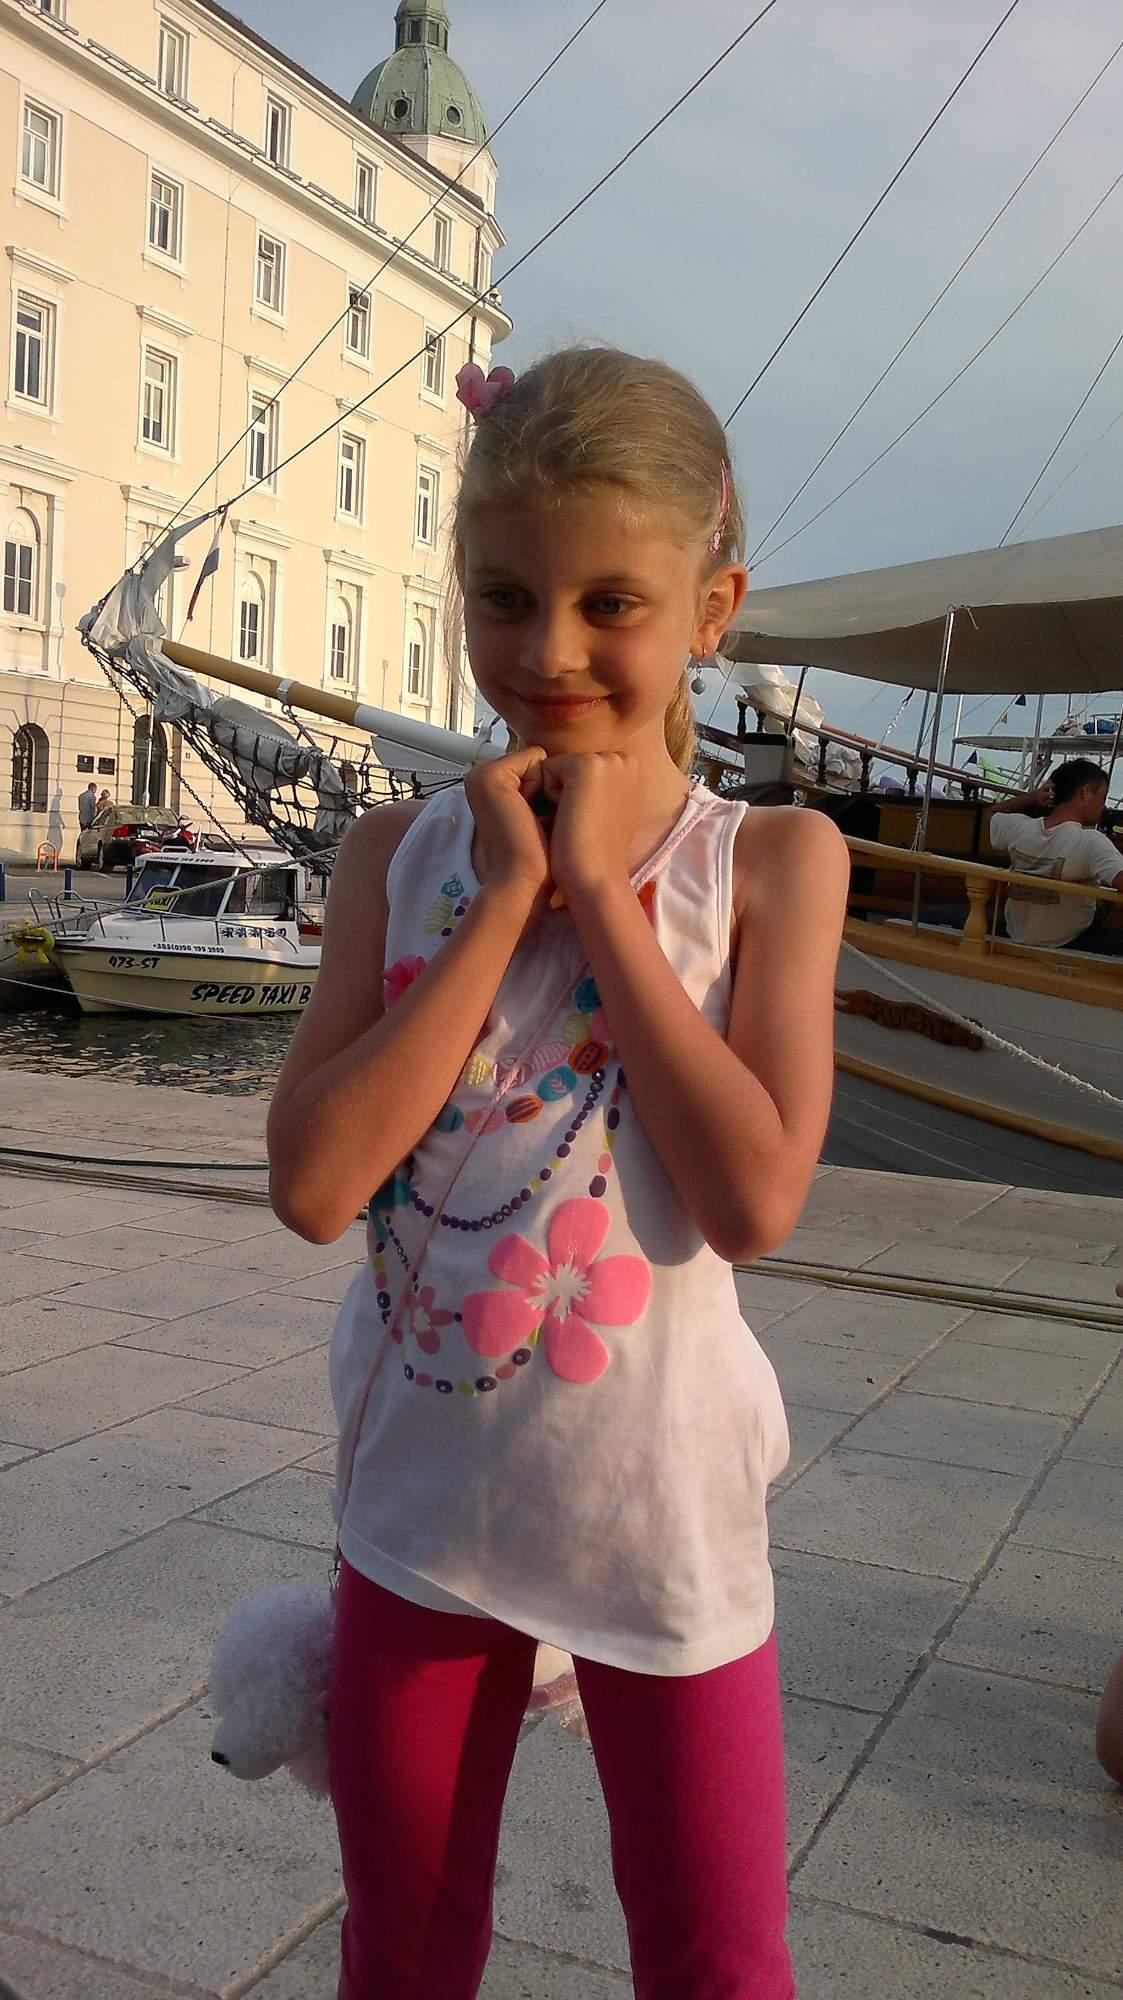 rajce.idnes nude Chorvatsko_2012